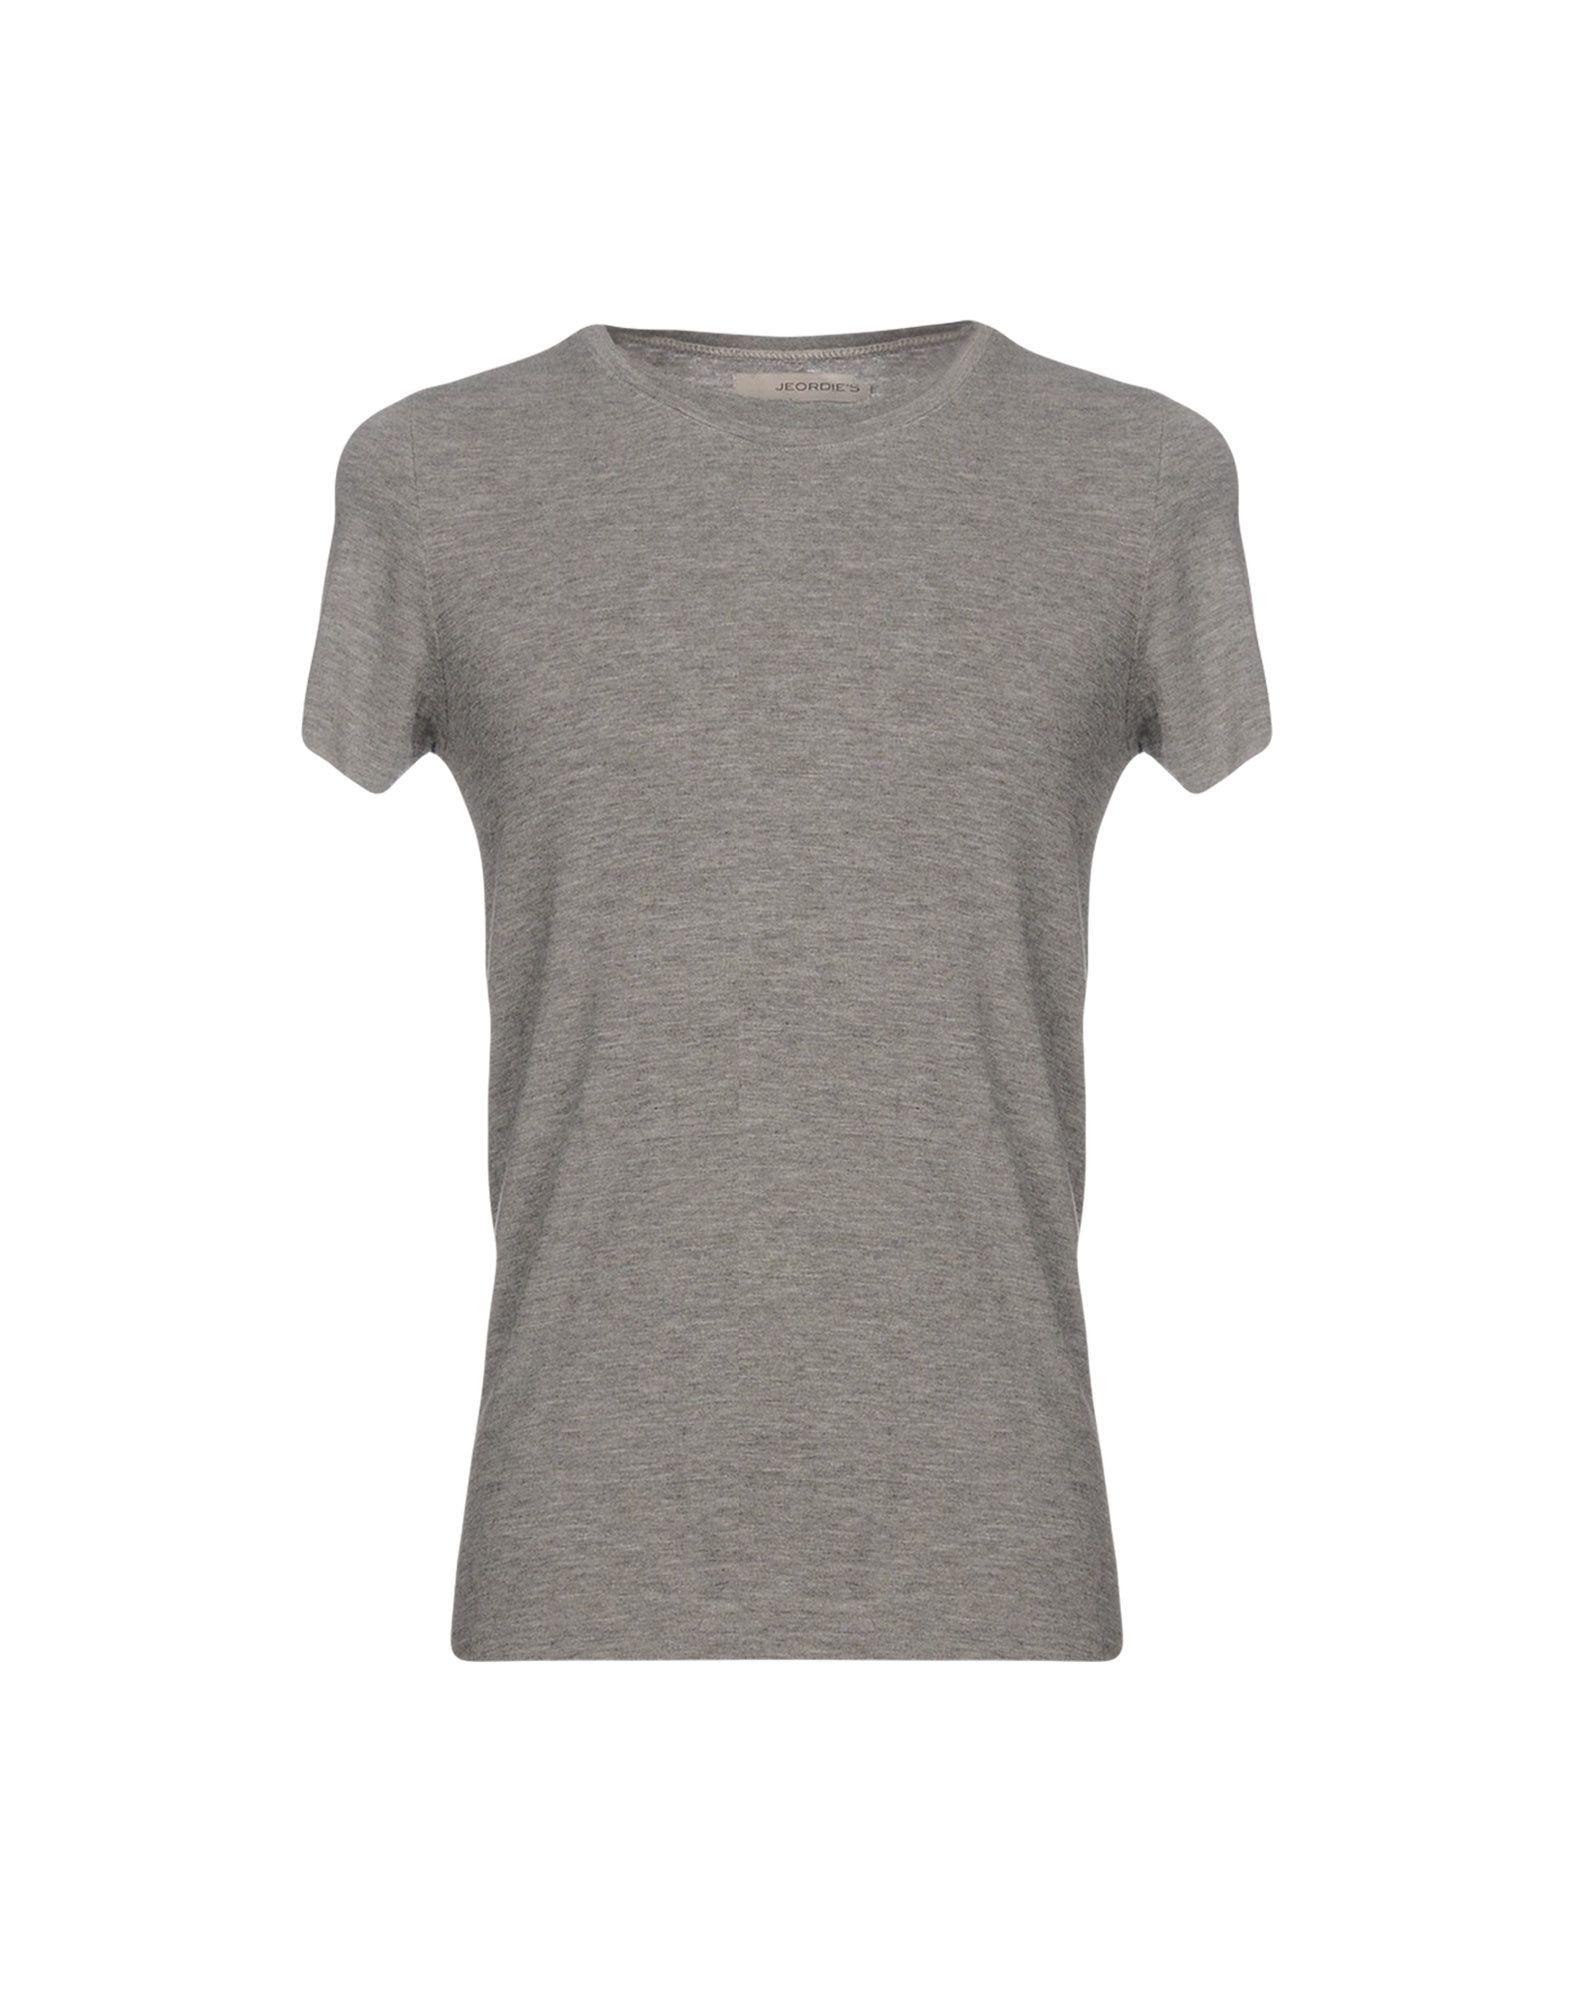 A buon mercato - A buon mercato T-Shirt Jeordie's Uomo - mercato 12153221JE c0c0ba